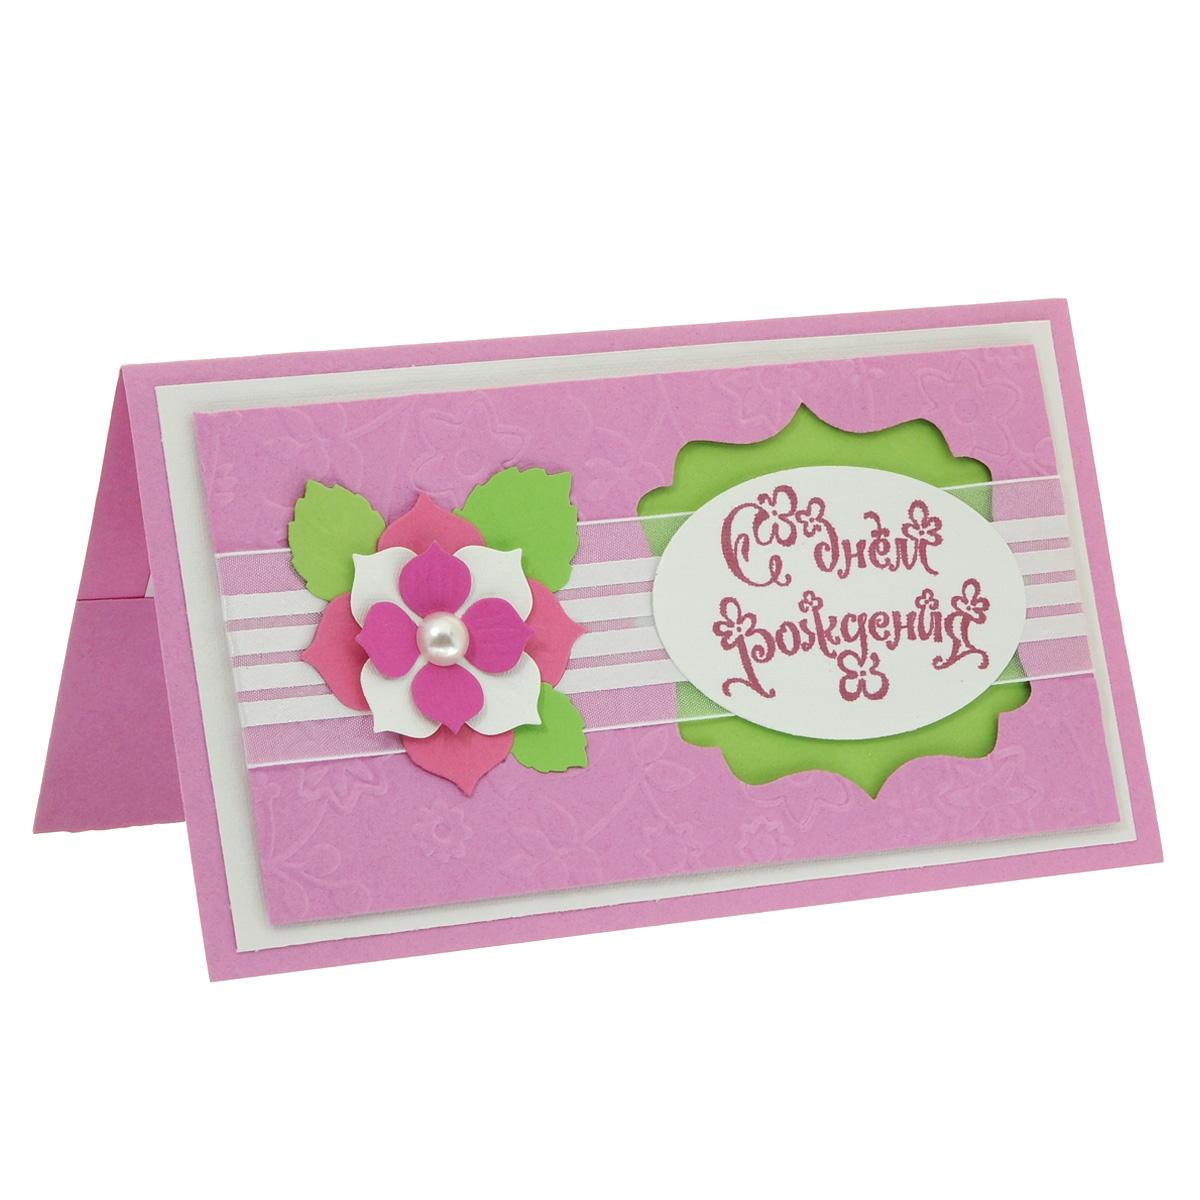 ОЖ-0014 Открытка-конверт «С Днём Рождения!». Студия «Тётя Роза»TS 6286Характеристики: Размер 19 см x 11 см.Материал: Высоко-художественный картон, бумага, декор. Данная открытка может стать как прекрасным дополнением к вашему подарку, так и самостоятельным подарком. Так как открытка является и конвертом, в который вы можете вложить ваш денежный подарок или просто написать ваши пожелания на вкладыше. Выразительный стиль этого поздравления создан сочетанием ярких розово-зеленых контрастов. Надпись располагается поверх изящного окошка в фоновом поле открытки. Текстурный рельеф и атласная лента дополняют общий декор. Также открытка упакована в пакетик для сохранности.Обращаем Ваше внимание на то, что открытка может незначительно отличаться от представленной на фото. Открытки ручной работы от студии Тётя Роза отличаются своим неповторимым и ярким стилем. Каждая уникальна и выполнена вручную мастерами студии. (Открытка для мужчин, открытка для женщины, открытка на день рождения, открытка с днем свадьбы, открытка винтаж, открытка с юбилеем, открытка на все случаи, скрапбукинг)